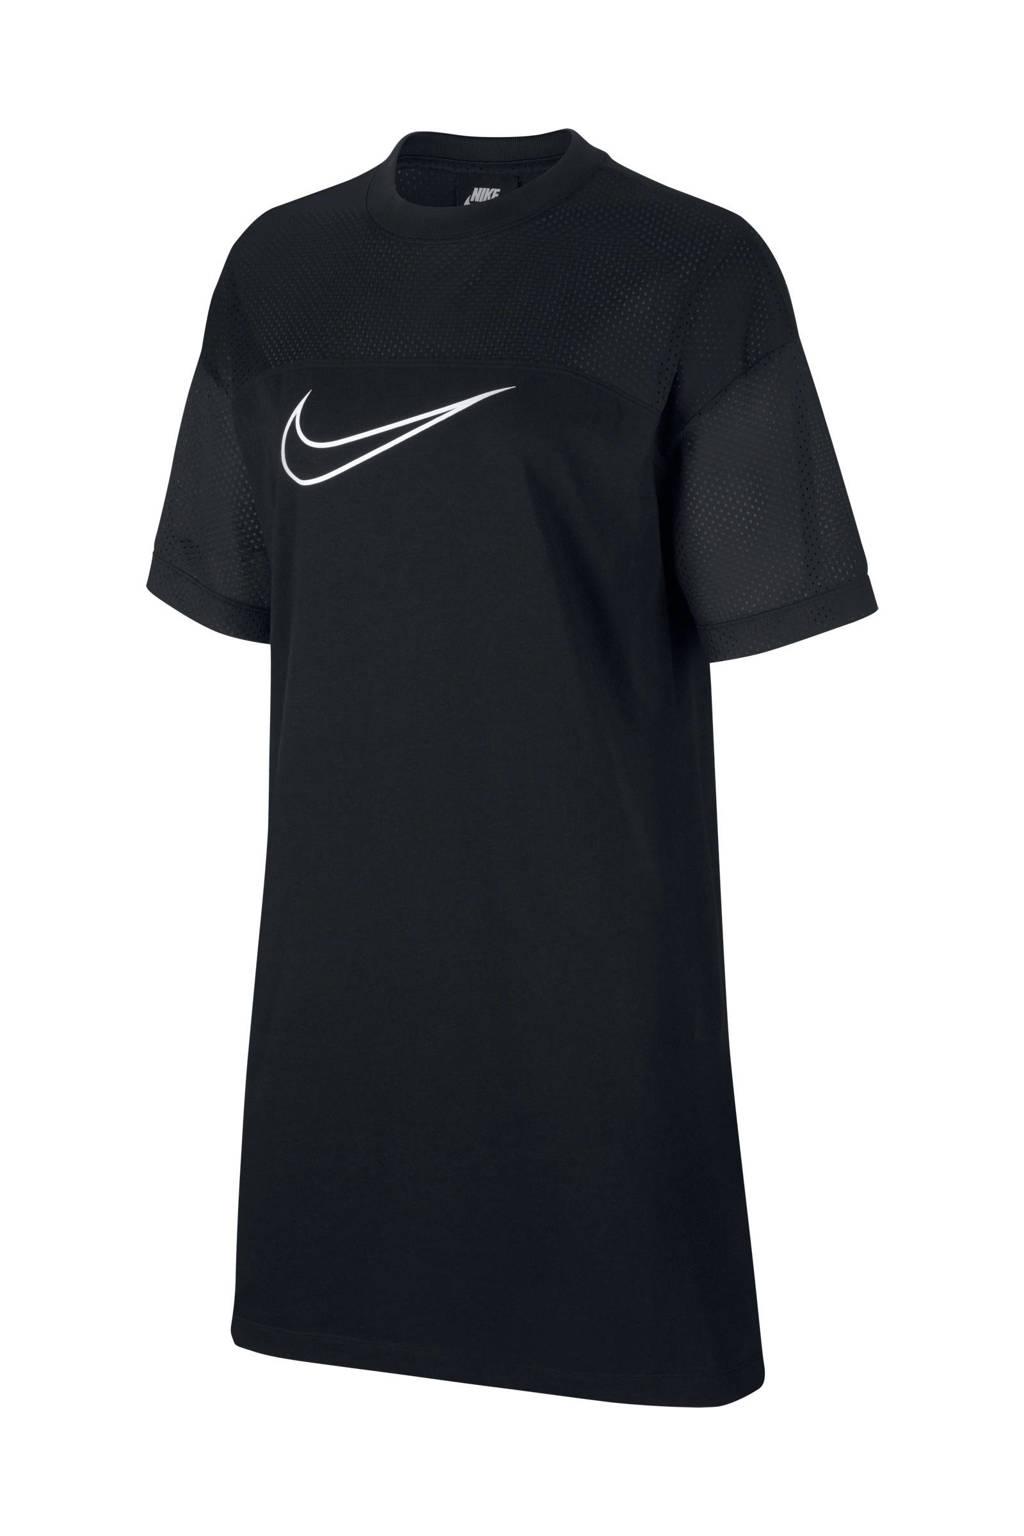 Nike T-shirt jurk zwart, Zwart